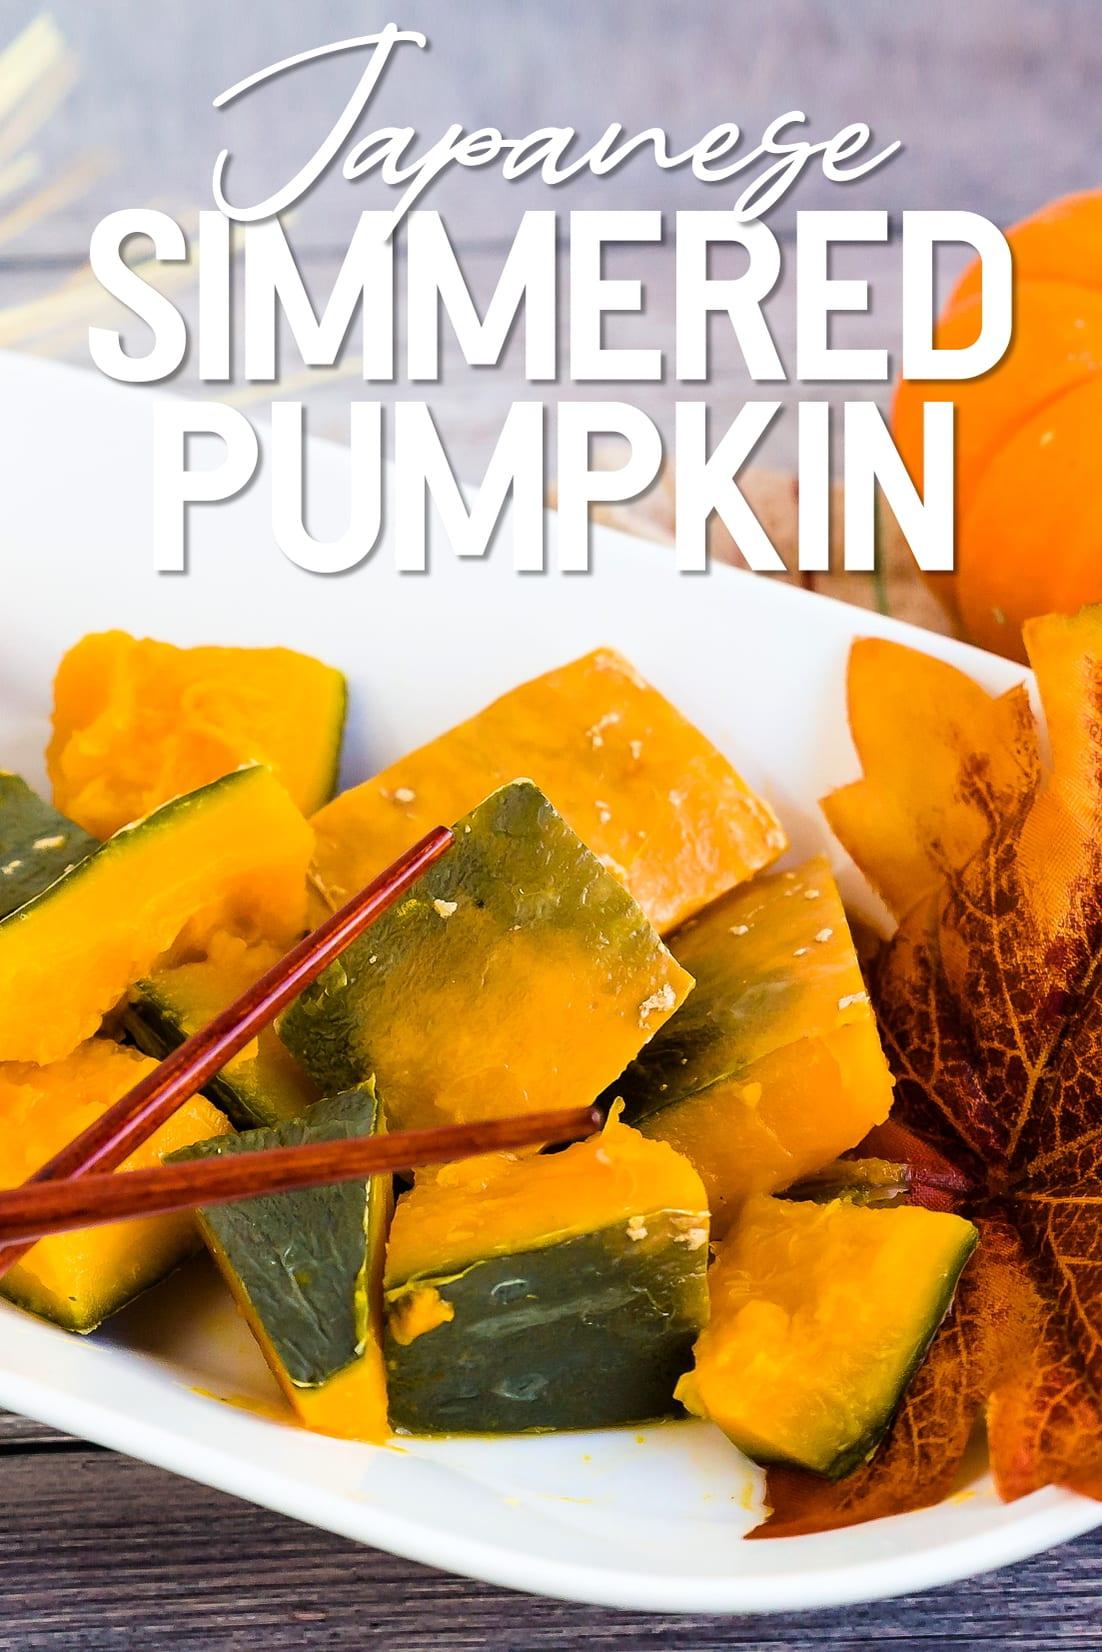 Simmered Sweet Pumpkin - Japanese Kabocha with chopsticks